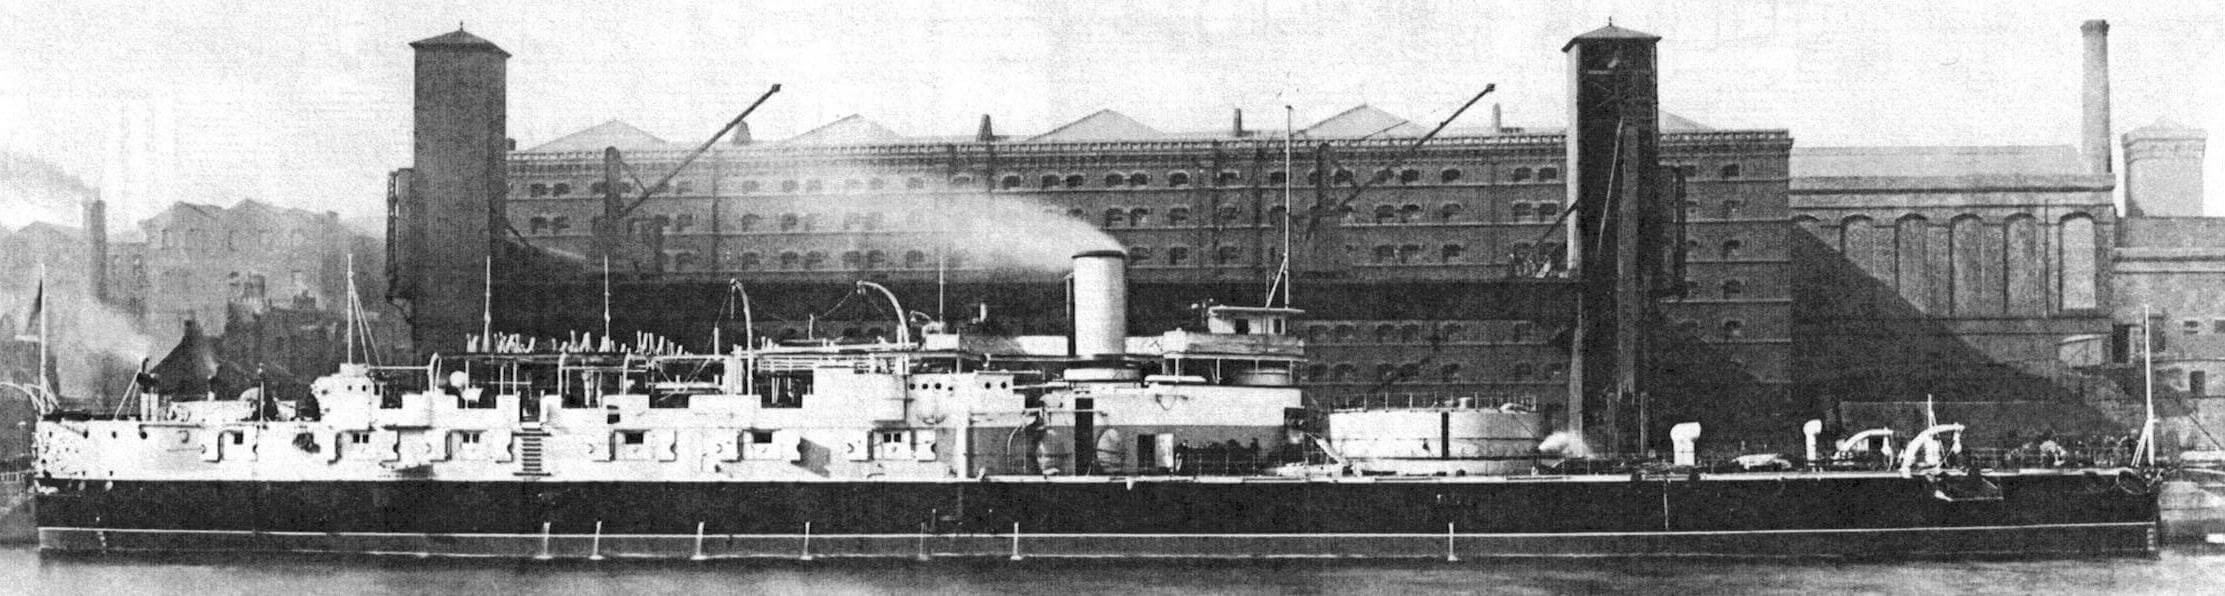 Броненосец «Виктория» у достроечной стенки завода Армстронга в Эльзвике незадолго до того, как 6 апреля 1888 года буксиры отвели его в Чатам для вооружения